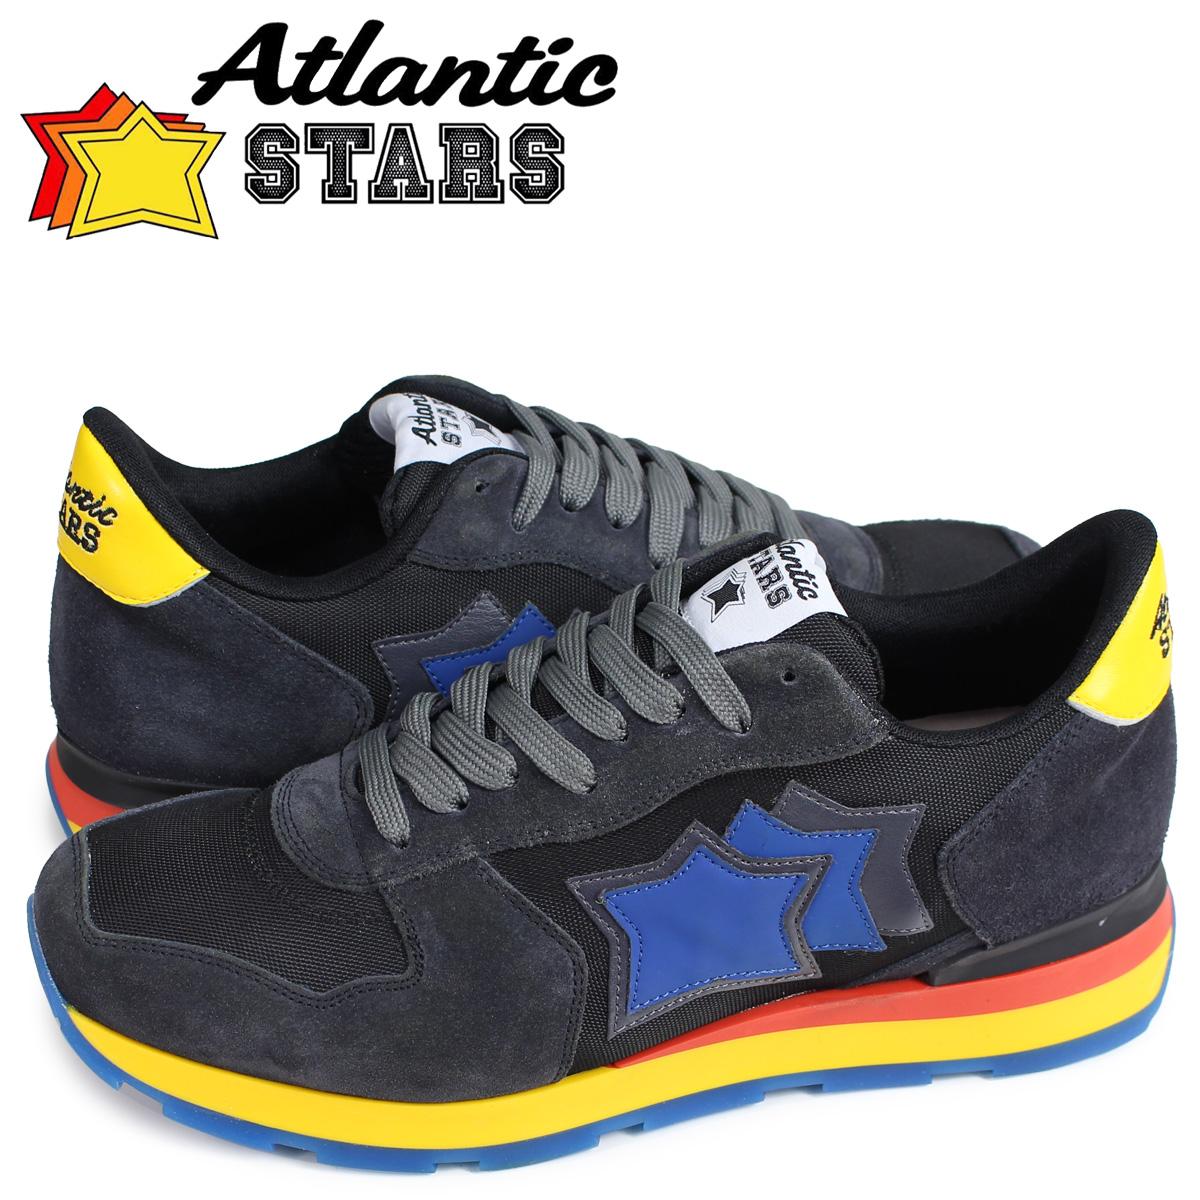 【最大2000円OFFクーポン】 アトランティックスターズ Atlantic STARS アンタレス スニーカー メンズ ANTARES ネイビー ANG-49N